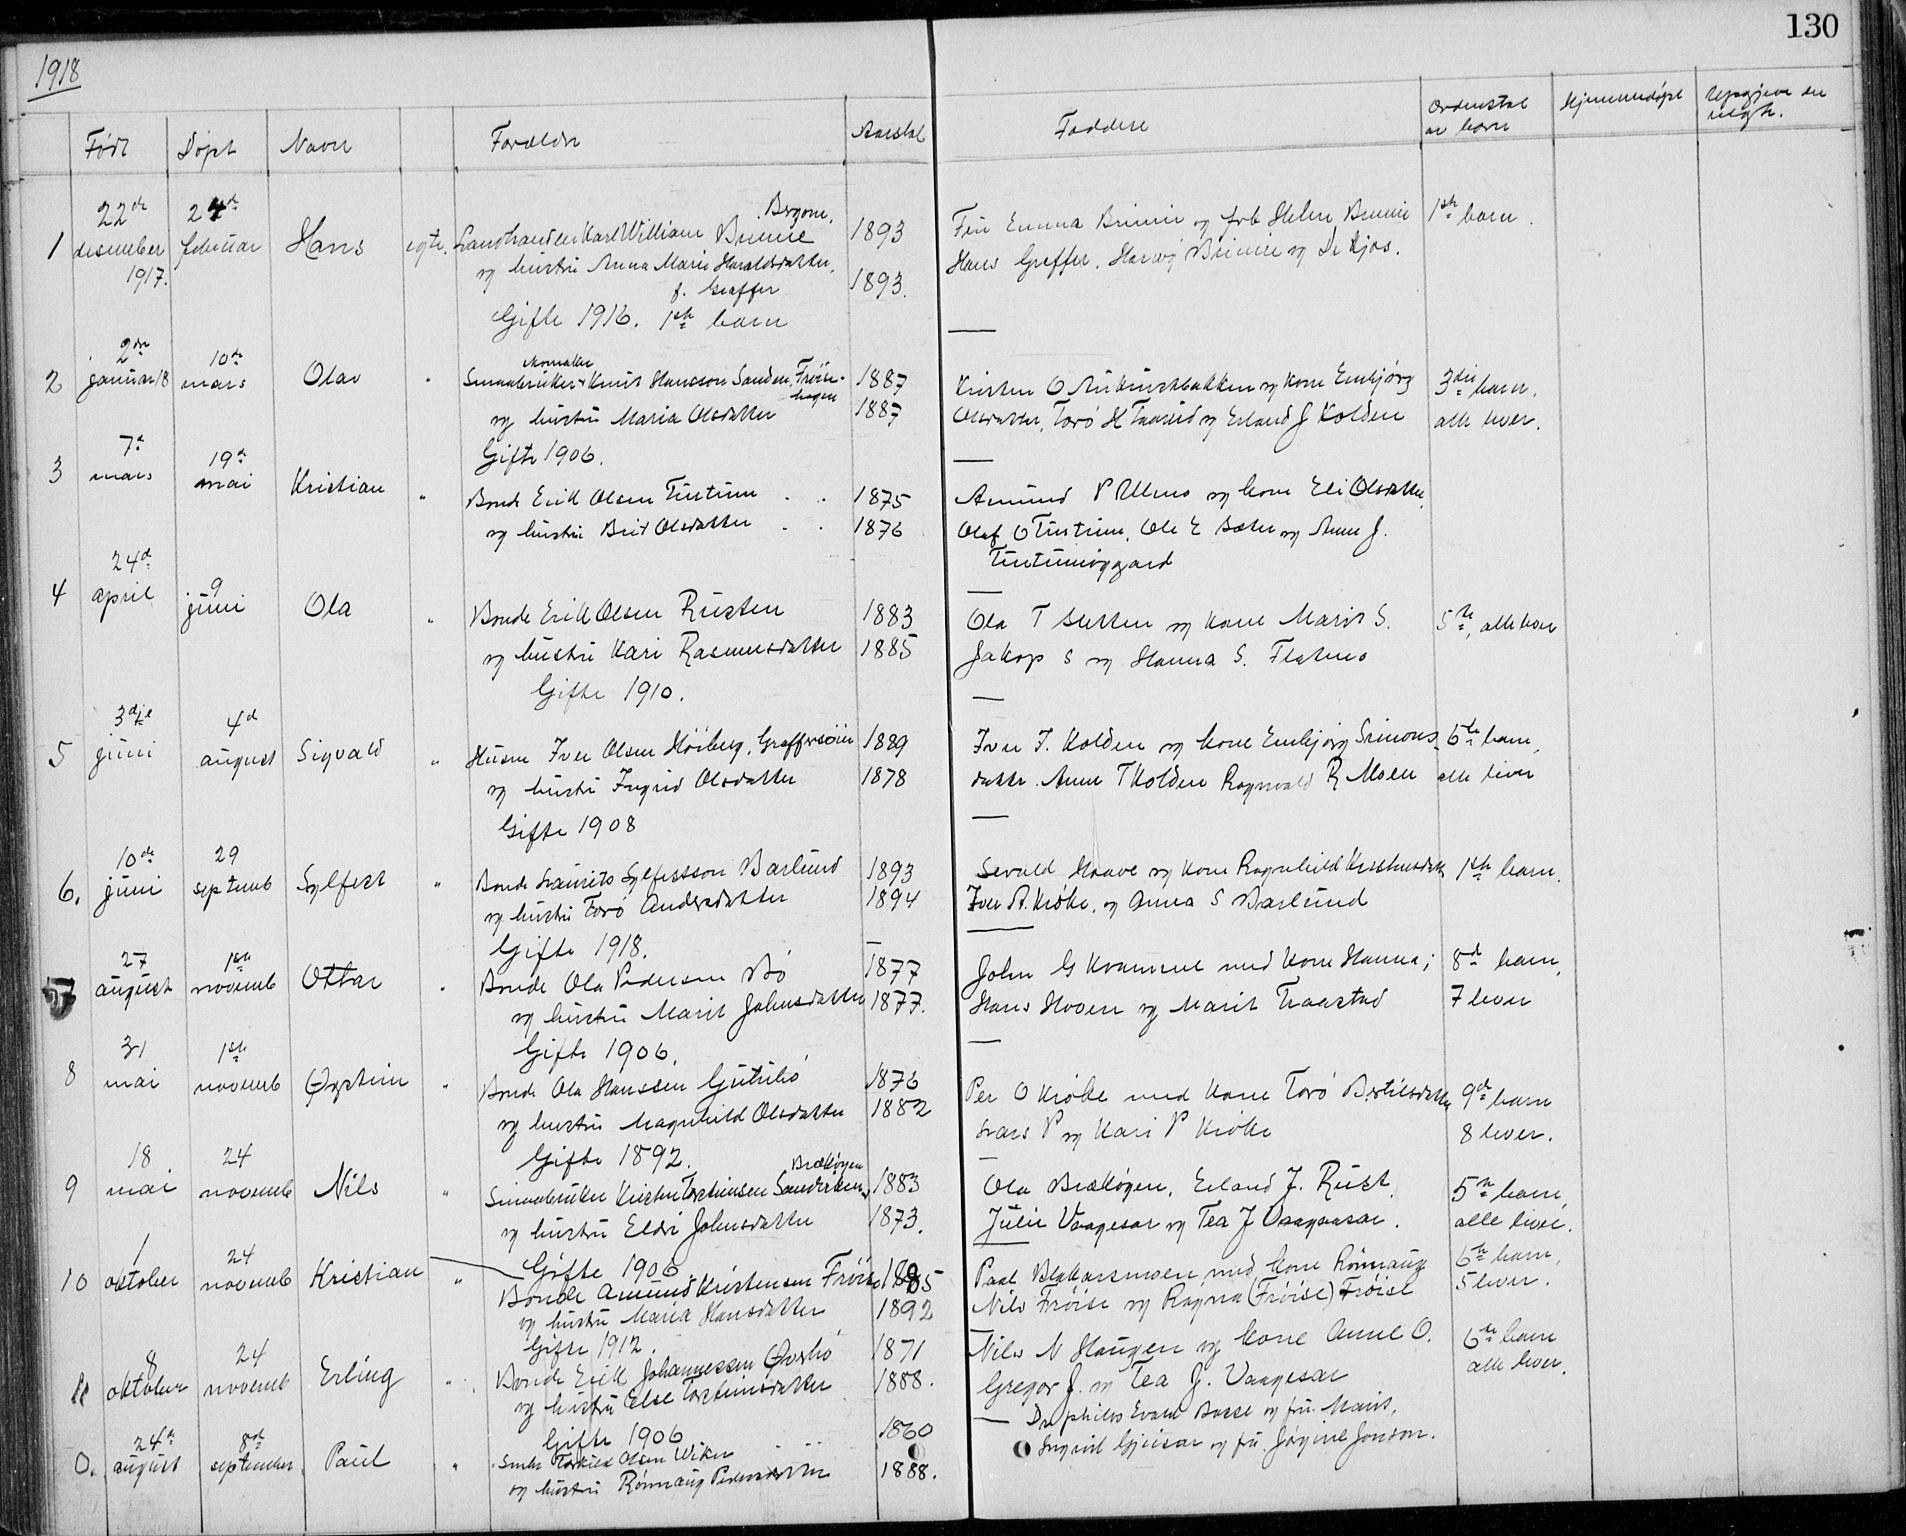 SAH, Lom prestekontor, L/L0013: Klokkerbok nr. 13, 1874-1938, s. 130